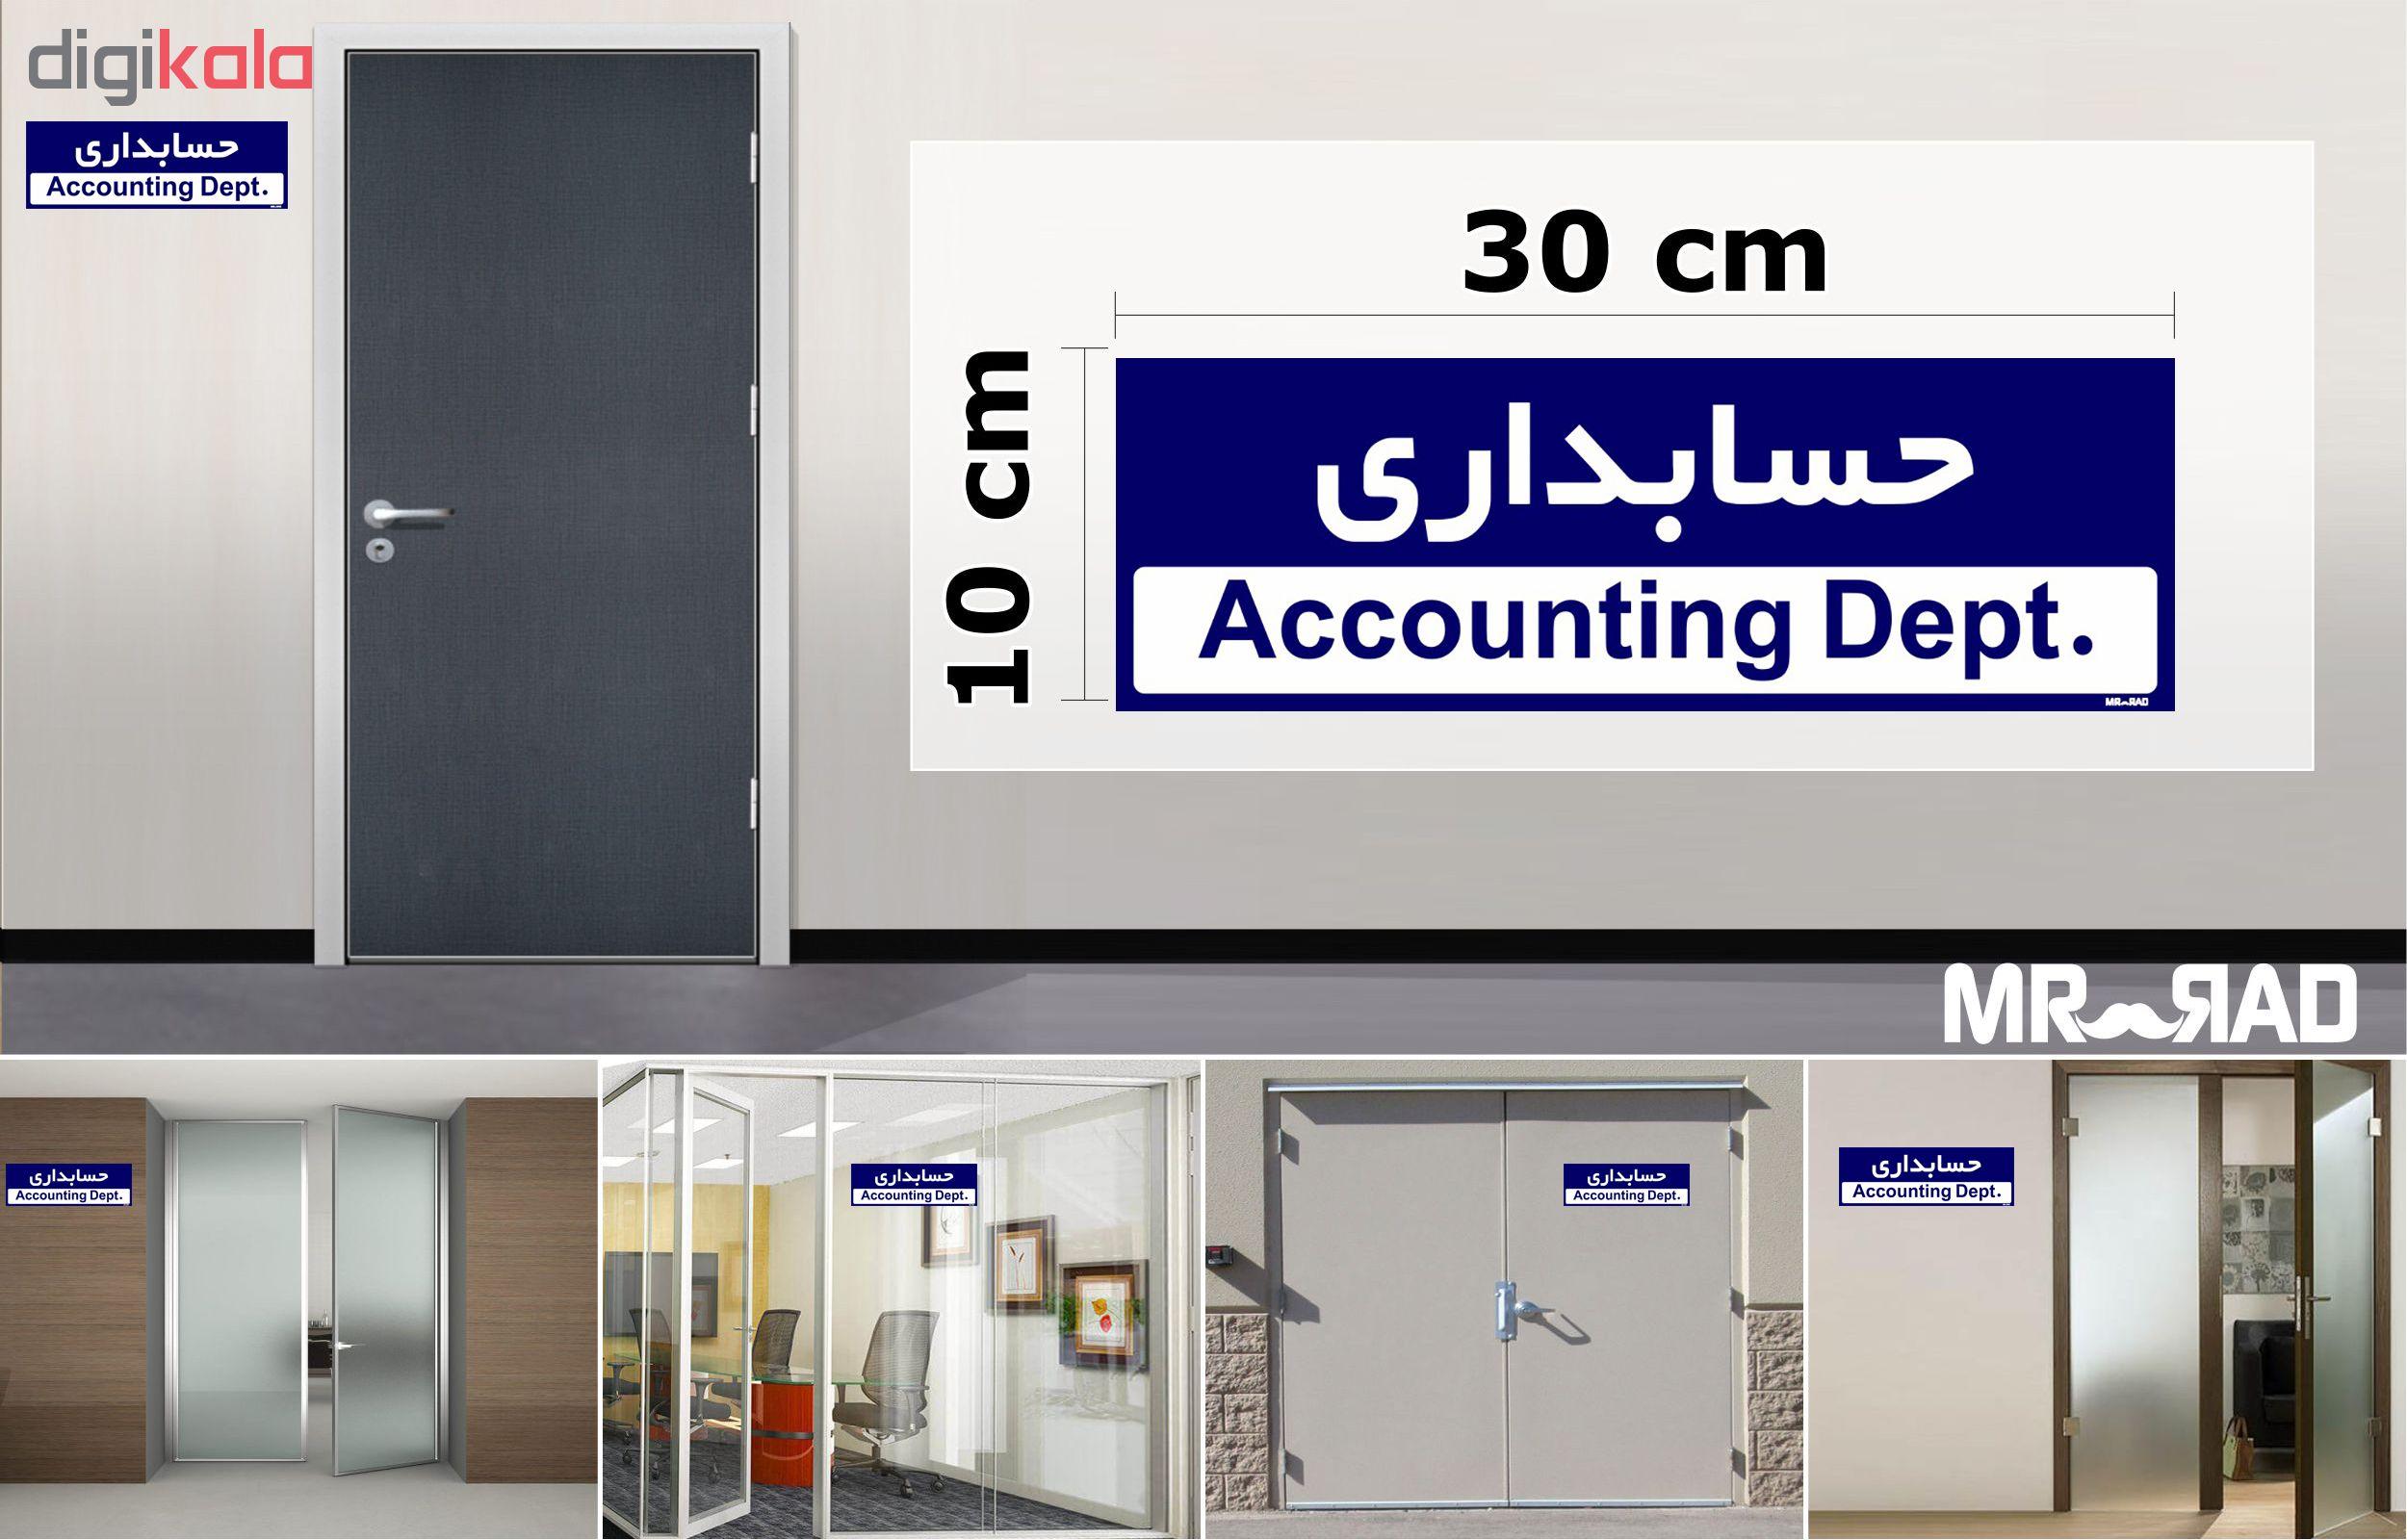 تابلو راهنمای اتاق  FG طرح حسابداری کدTHO0216